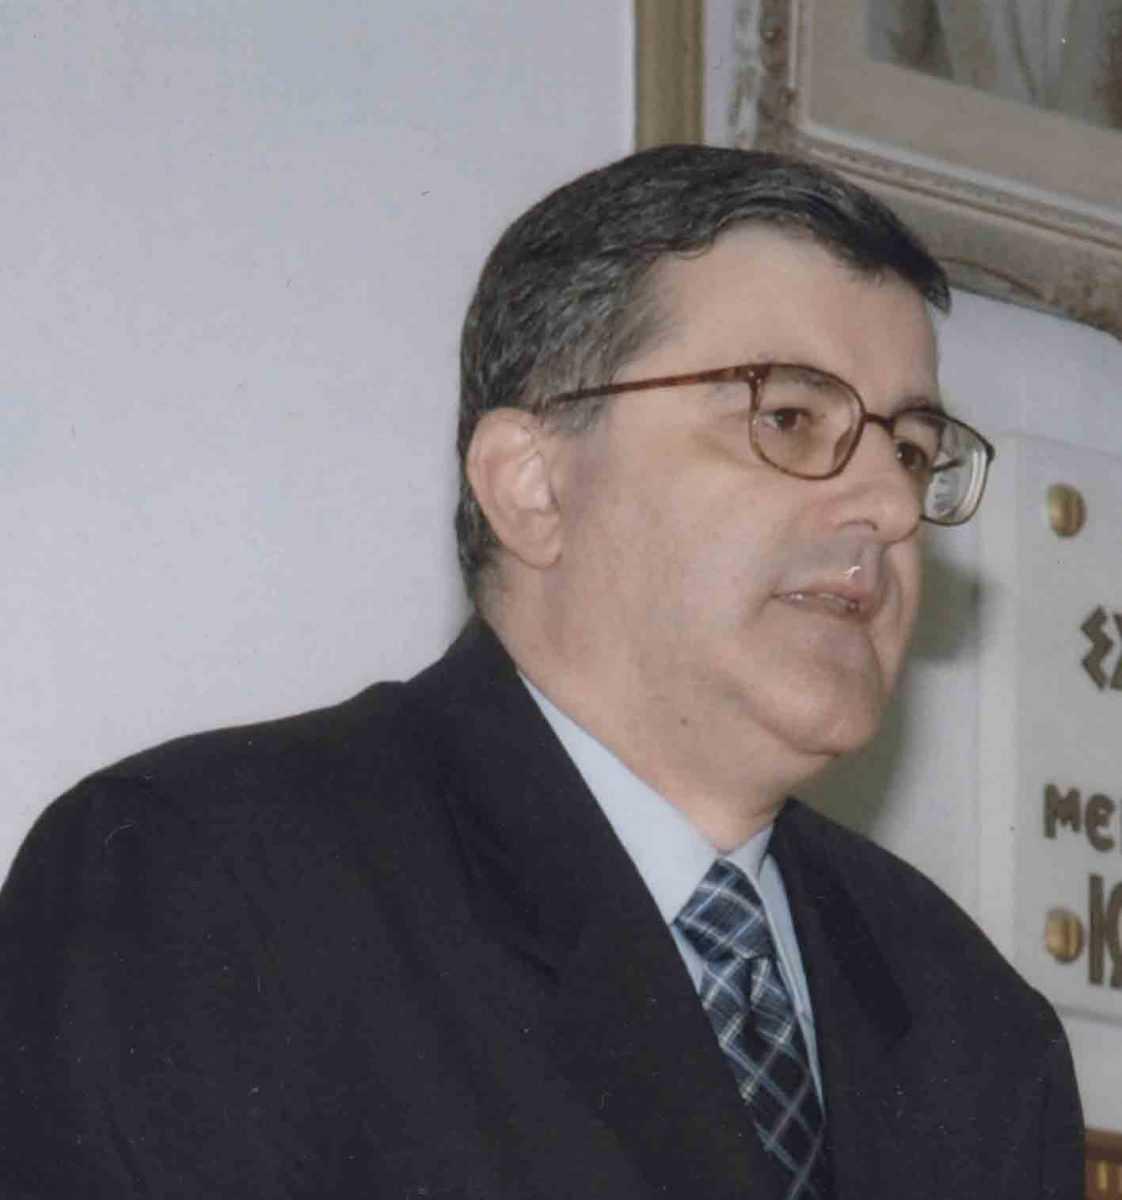 Εκκλησία - Μακεδονία: Ισχυροί δεσμοί αίματος!